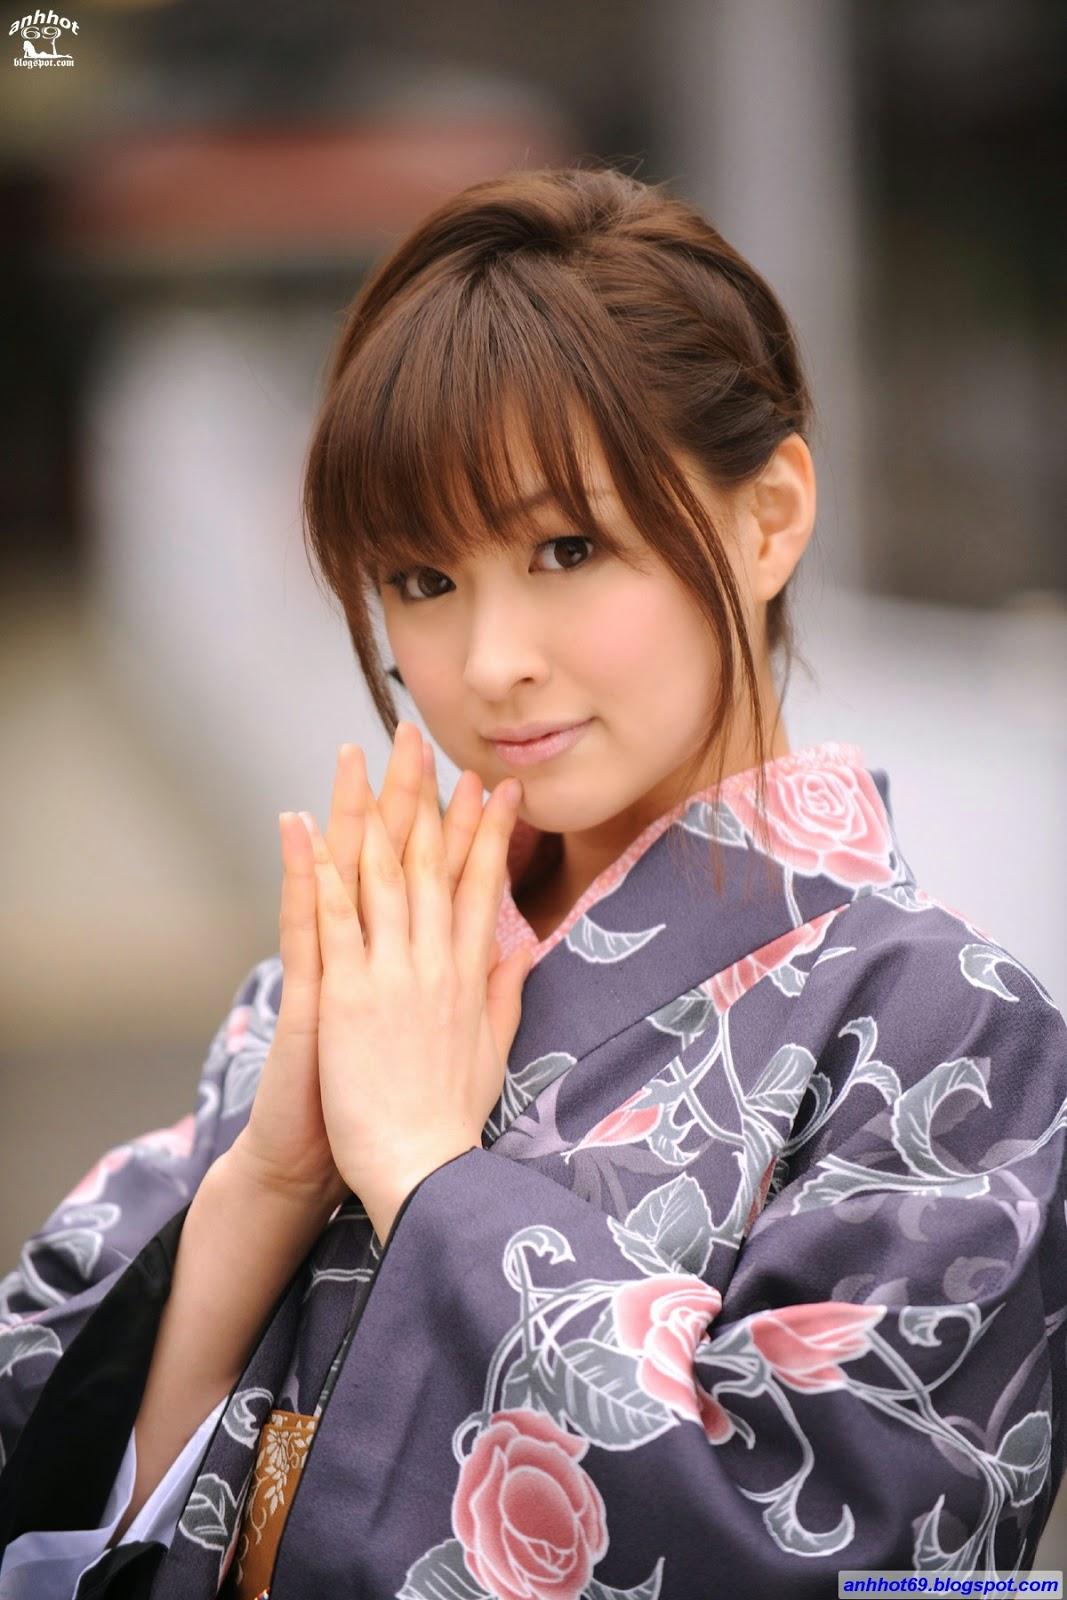 yukiko-suo-00711562